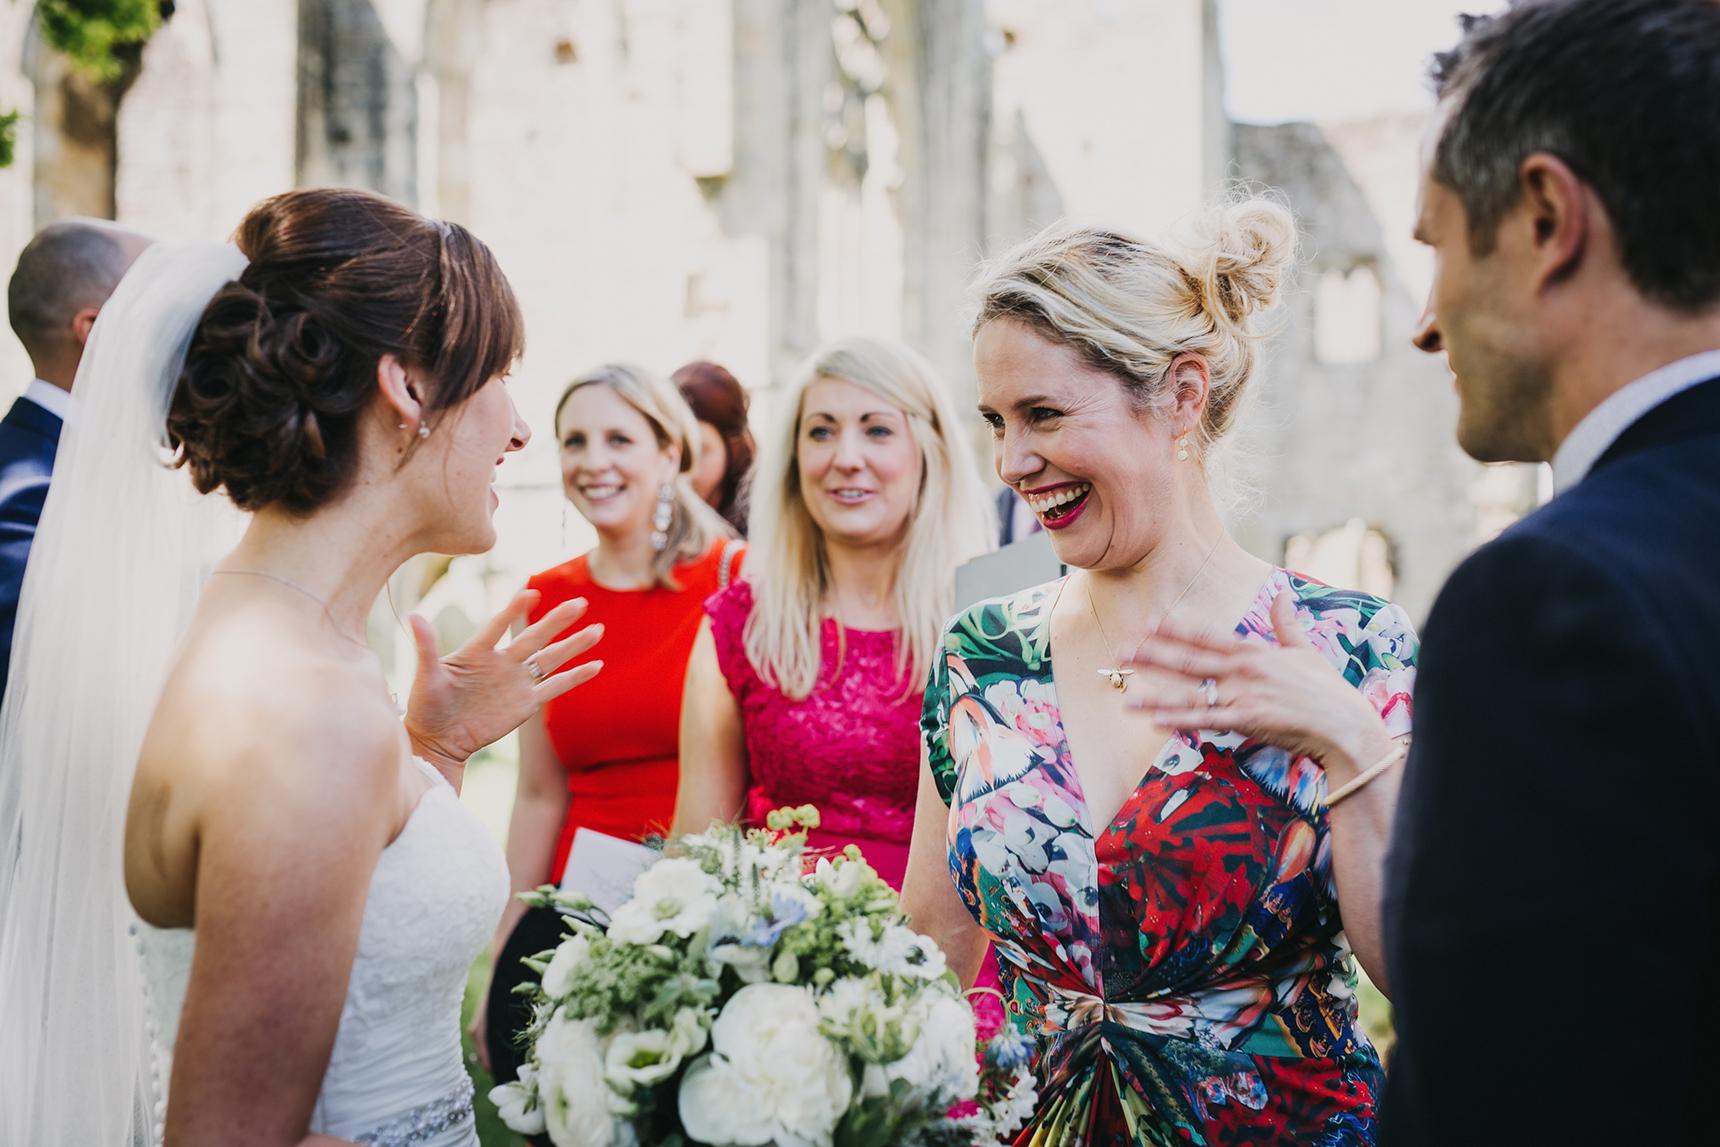 Easby Abbey wedding